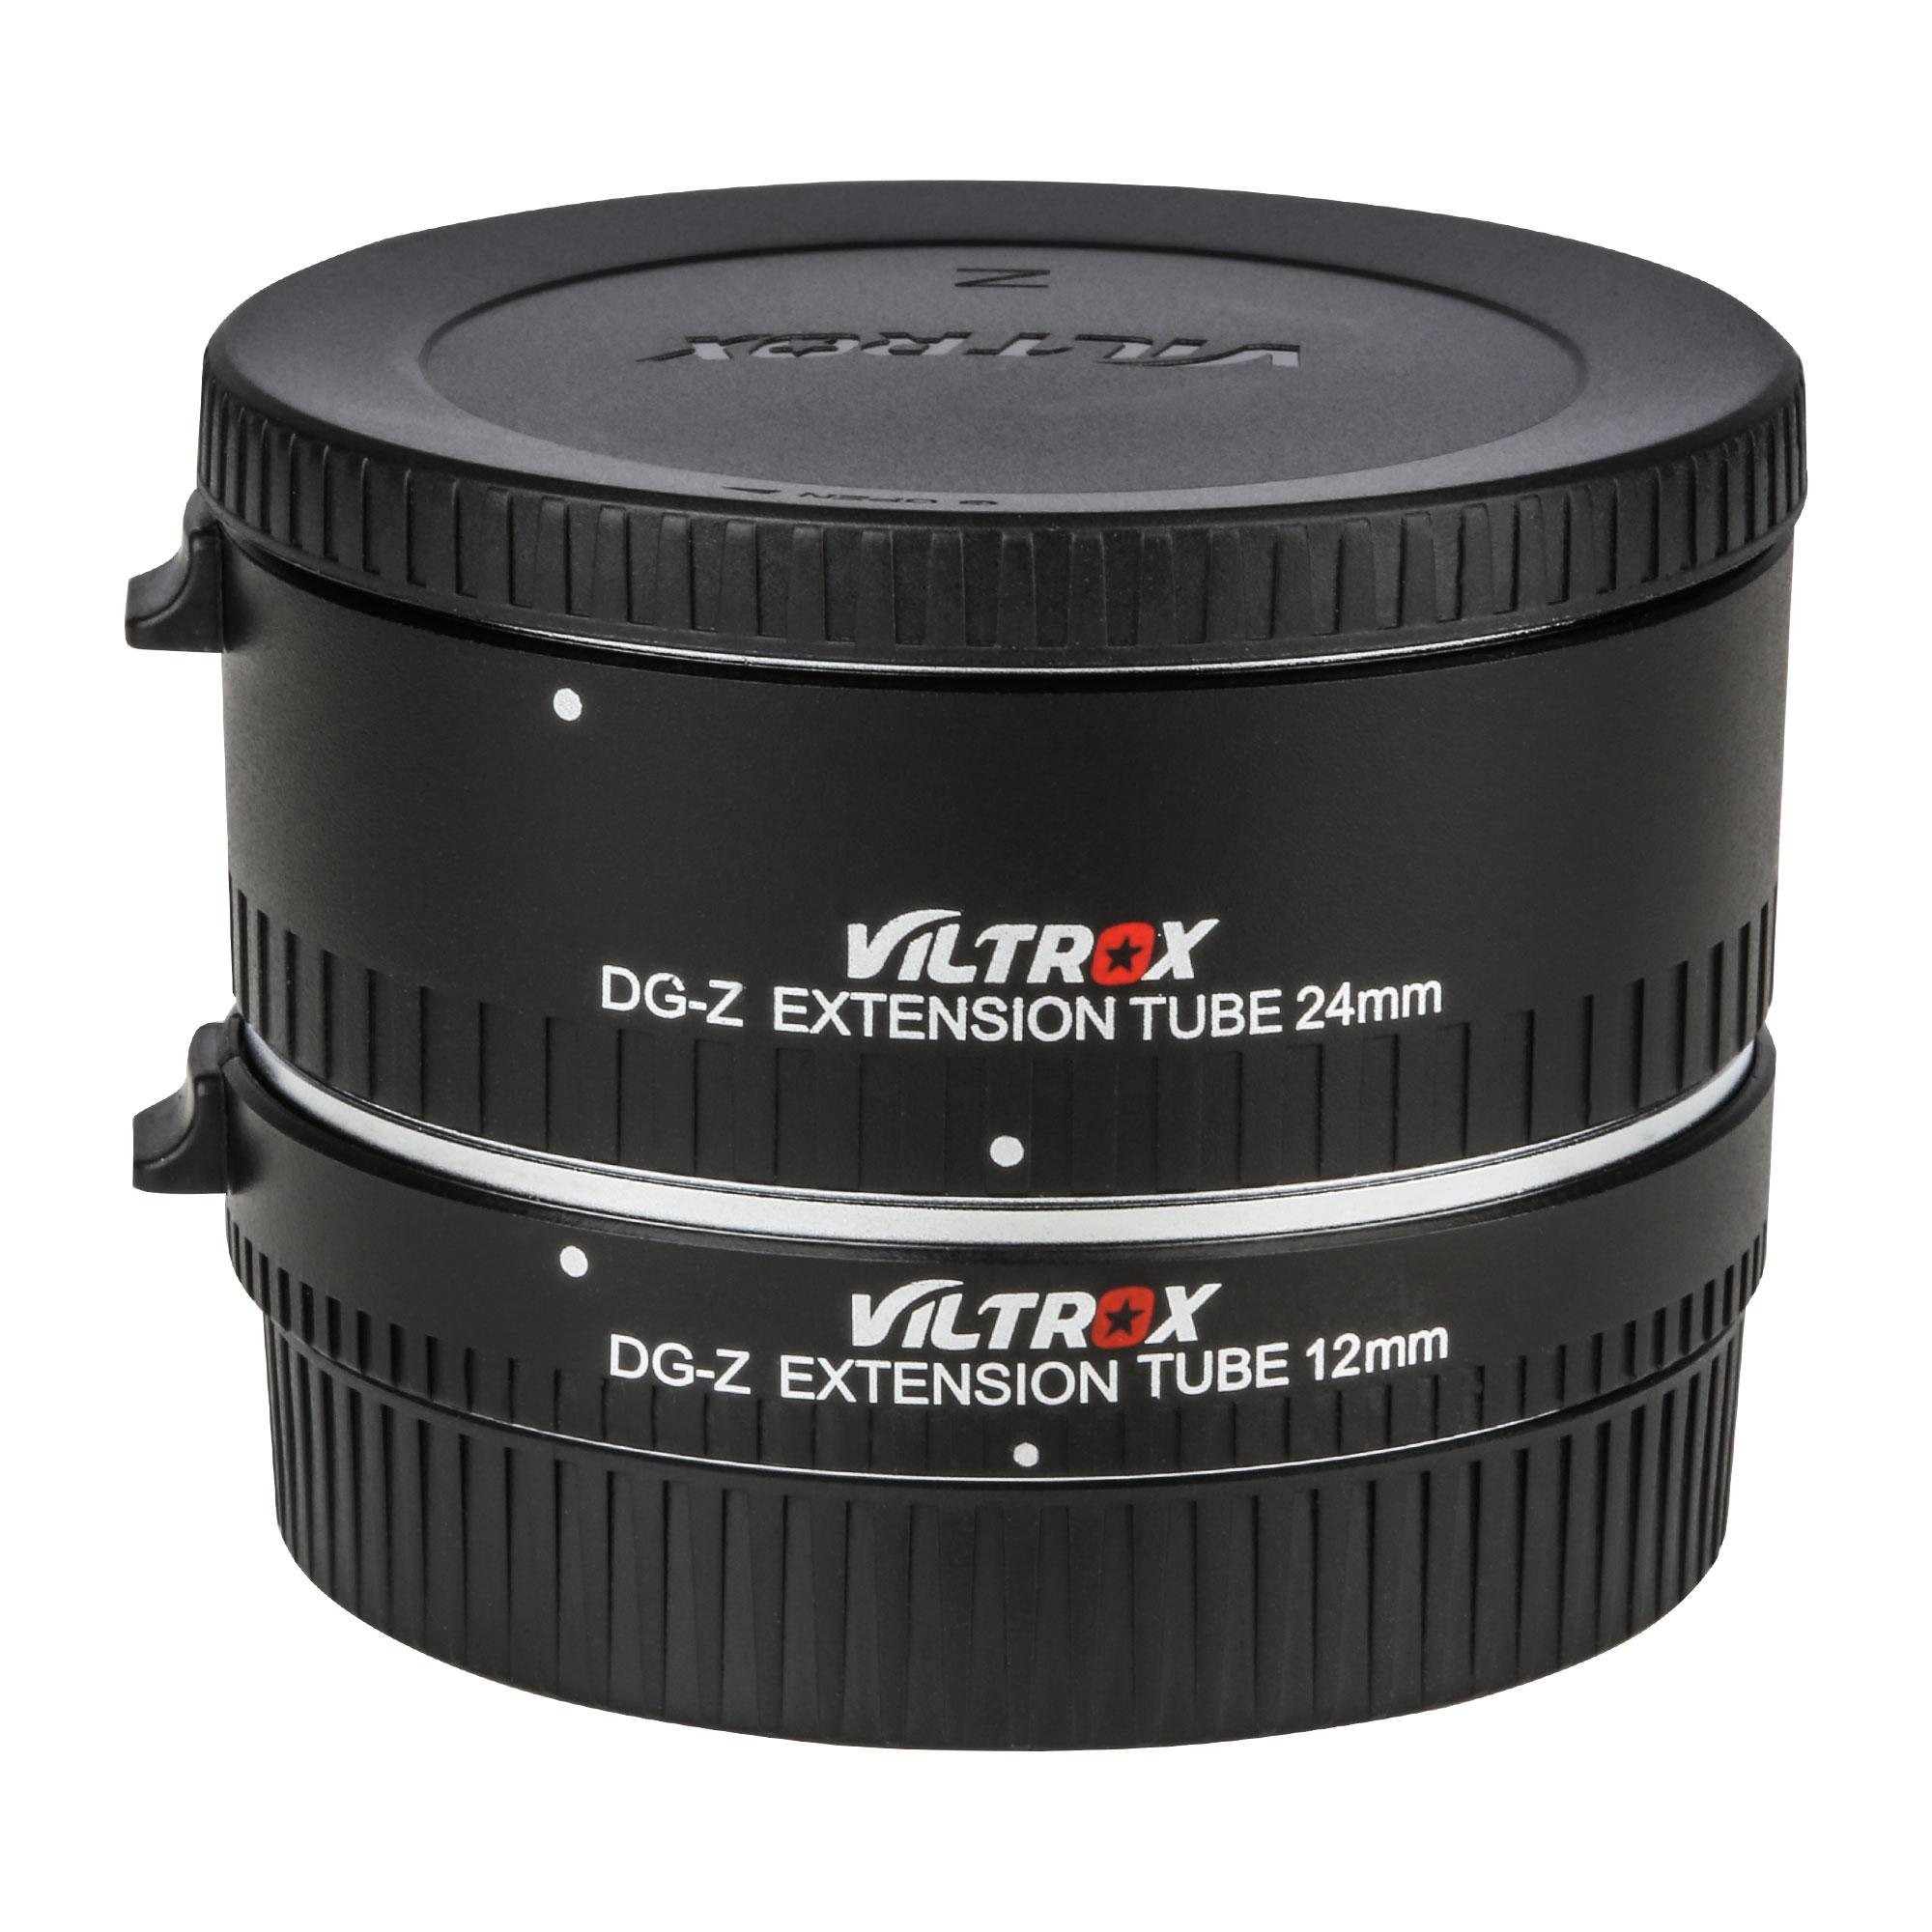 DG-Z макроудлинитель с автоматической фокусировкой AF объектив адаптер диафрагма регулировки фокуса для Nikon с байонетом Z Z6 Z7 Z50 Камера